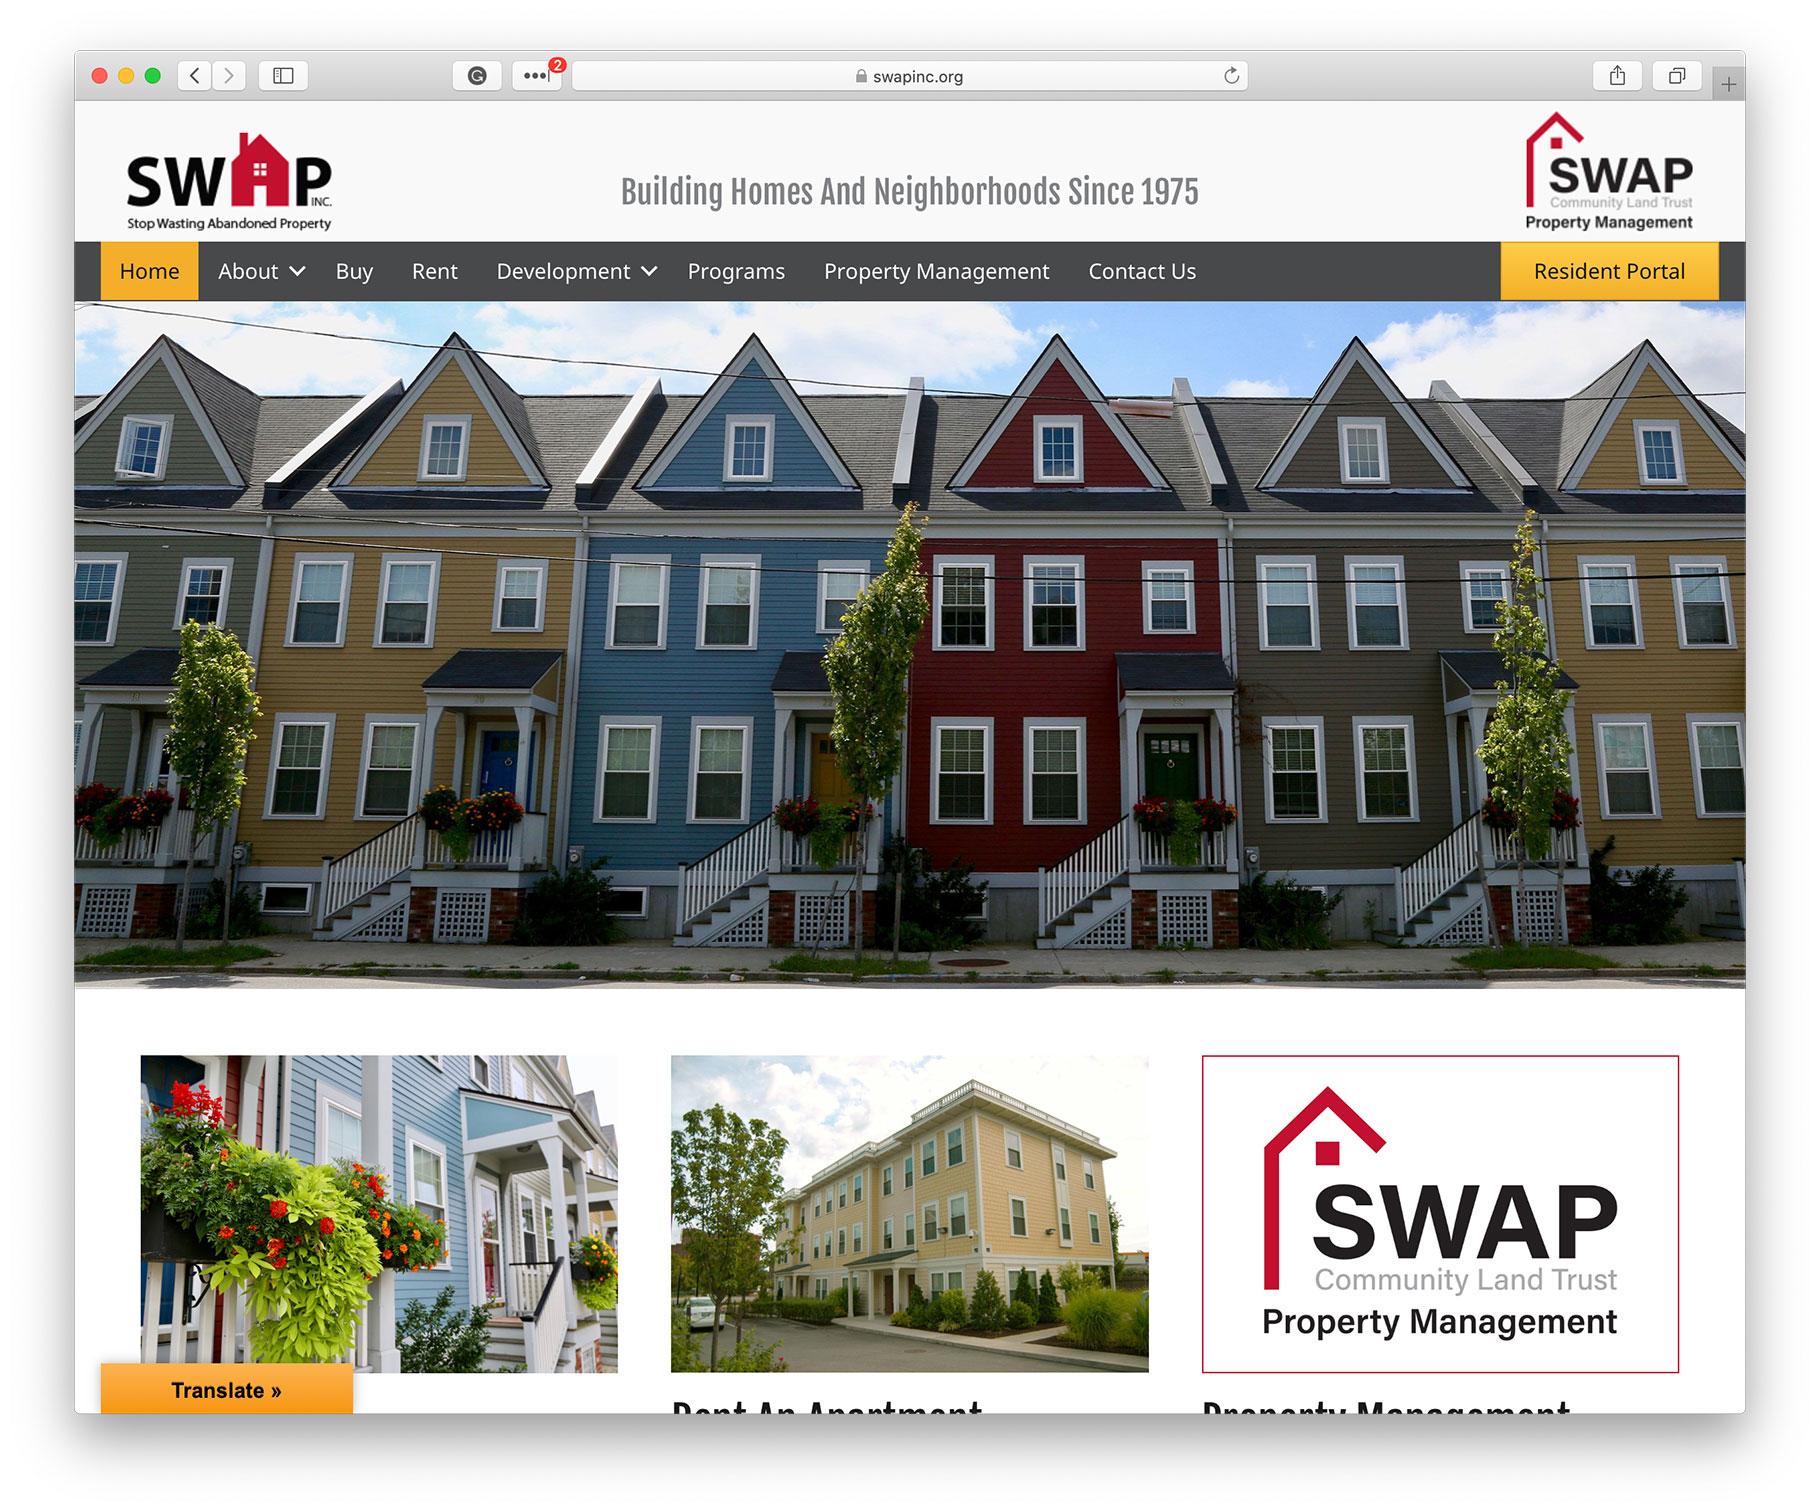 SWAP homepage